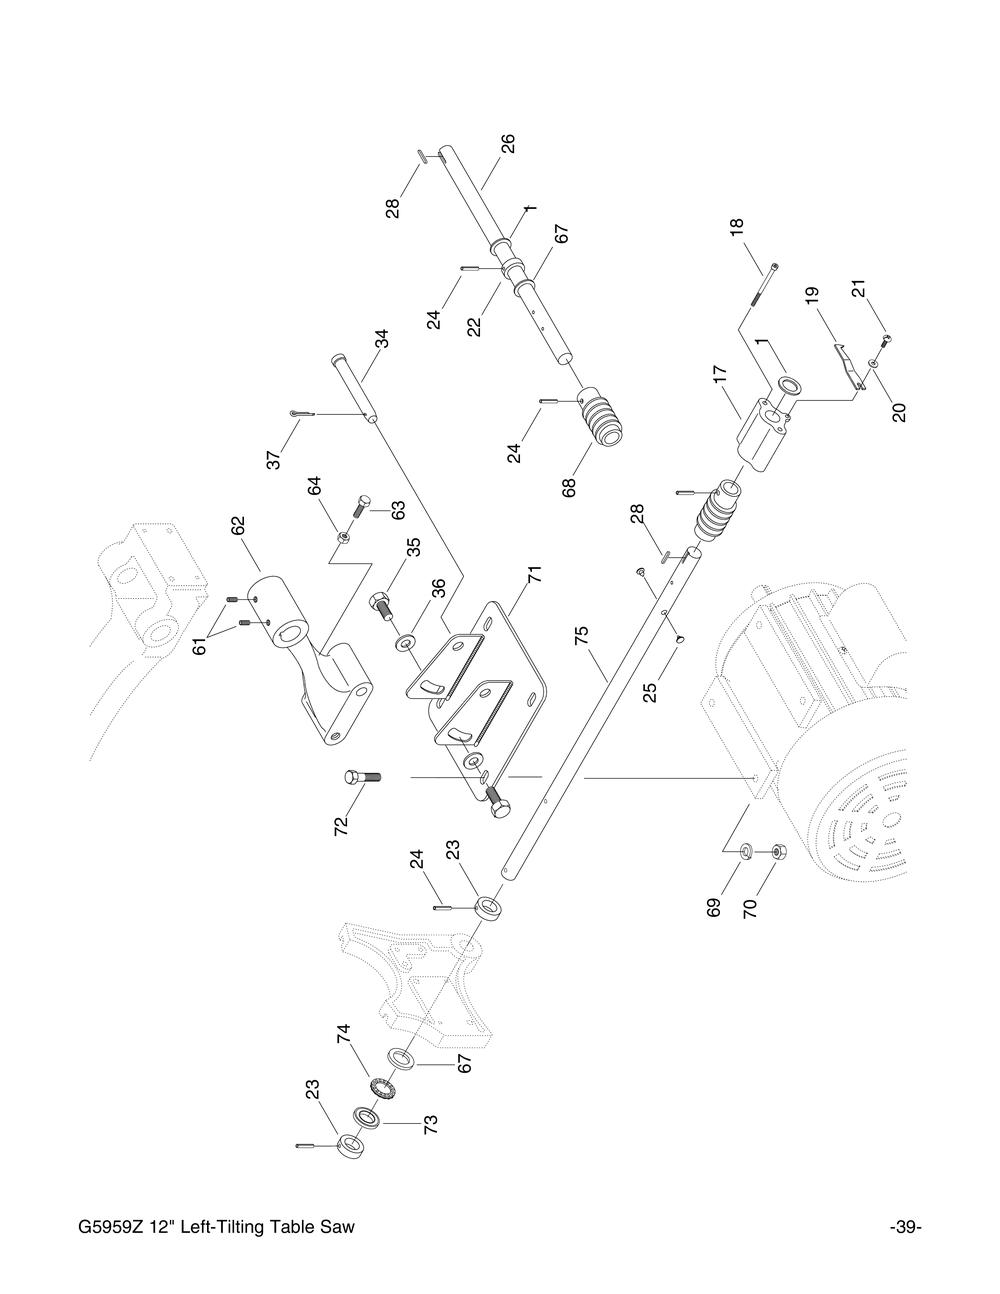 Dewalt Radial Arm Saw Manual Pdf